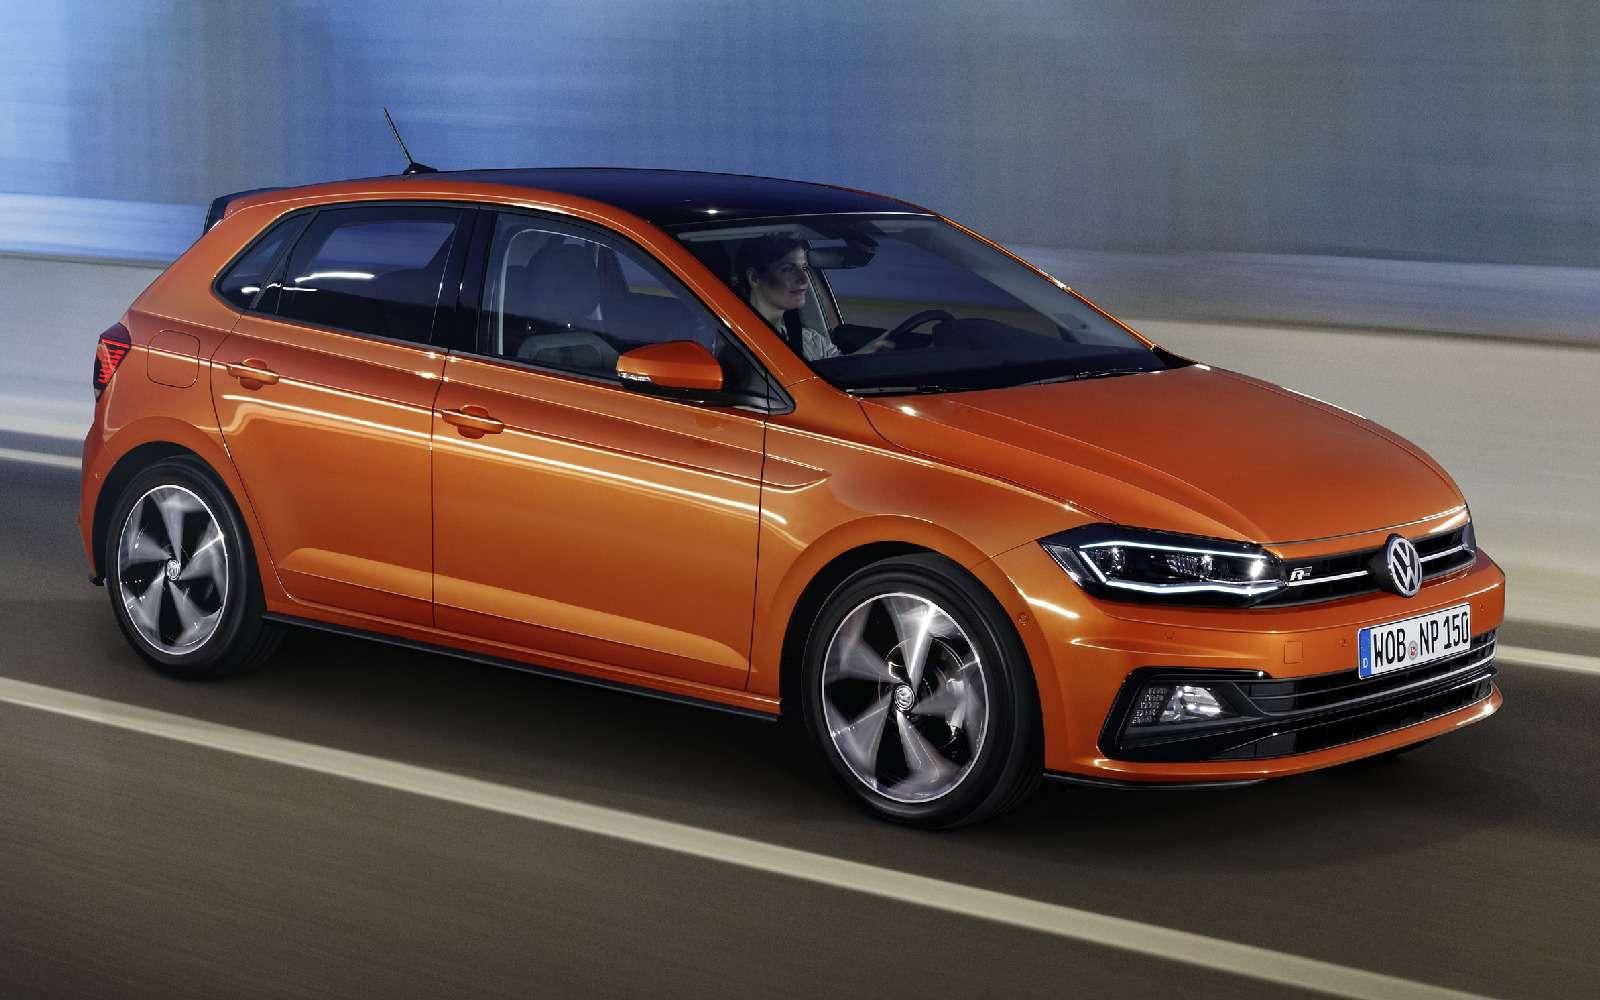 Шестое поколение Volkswagen Polo выйдет в 2018 году